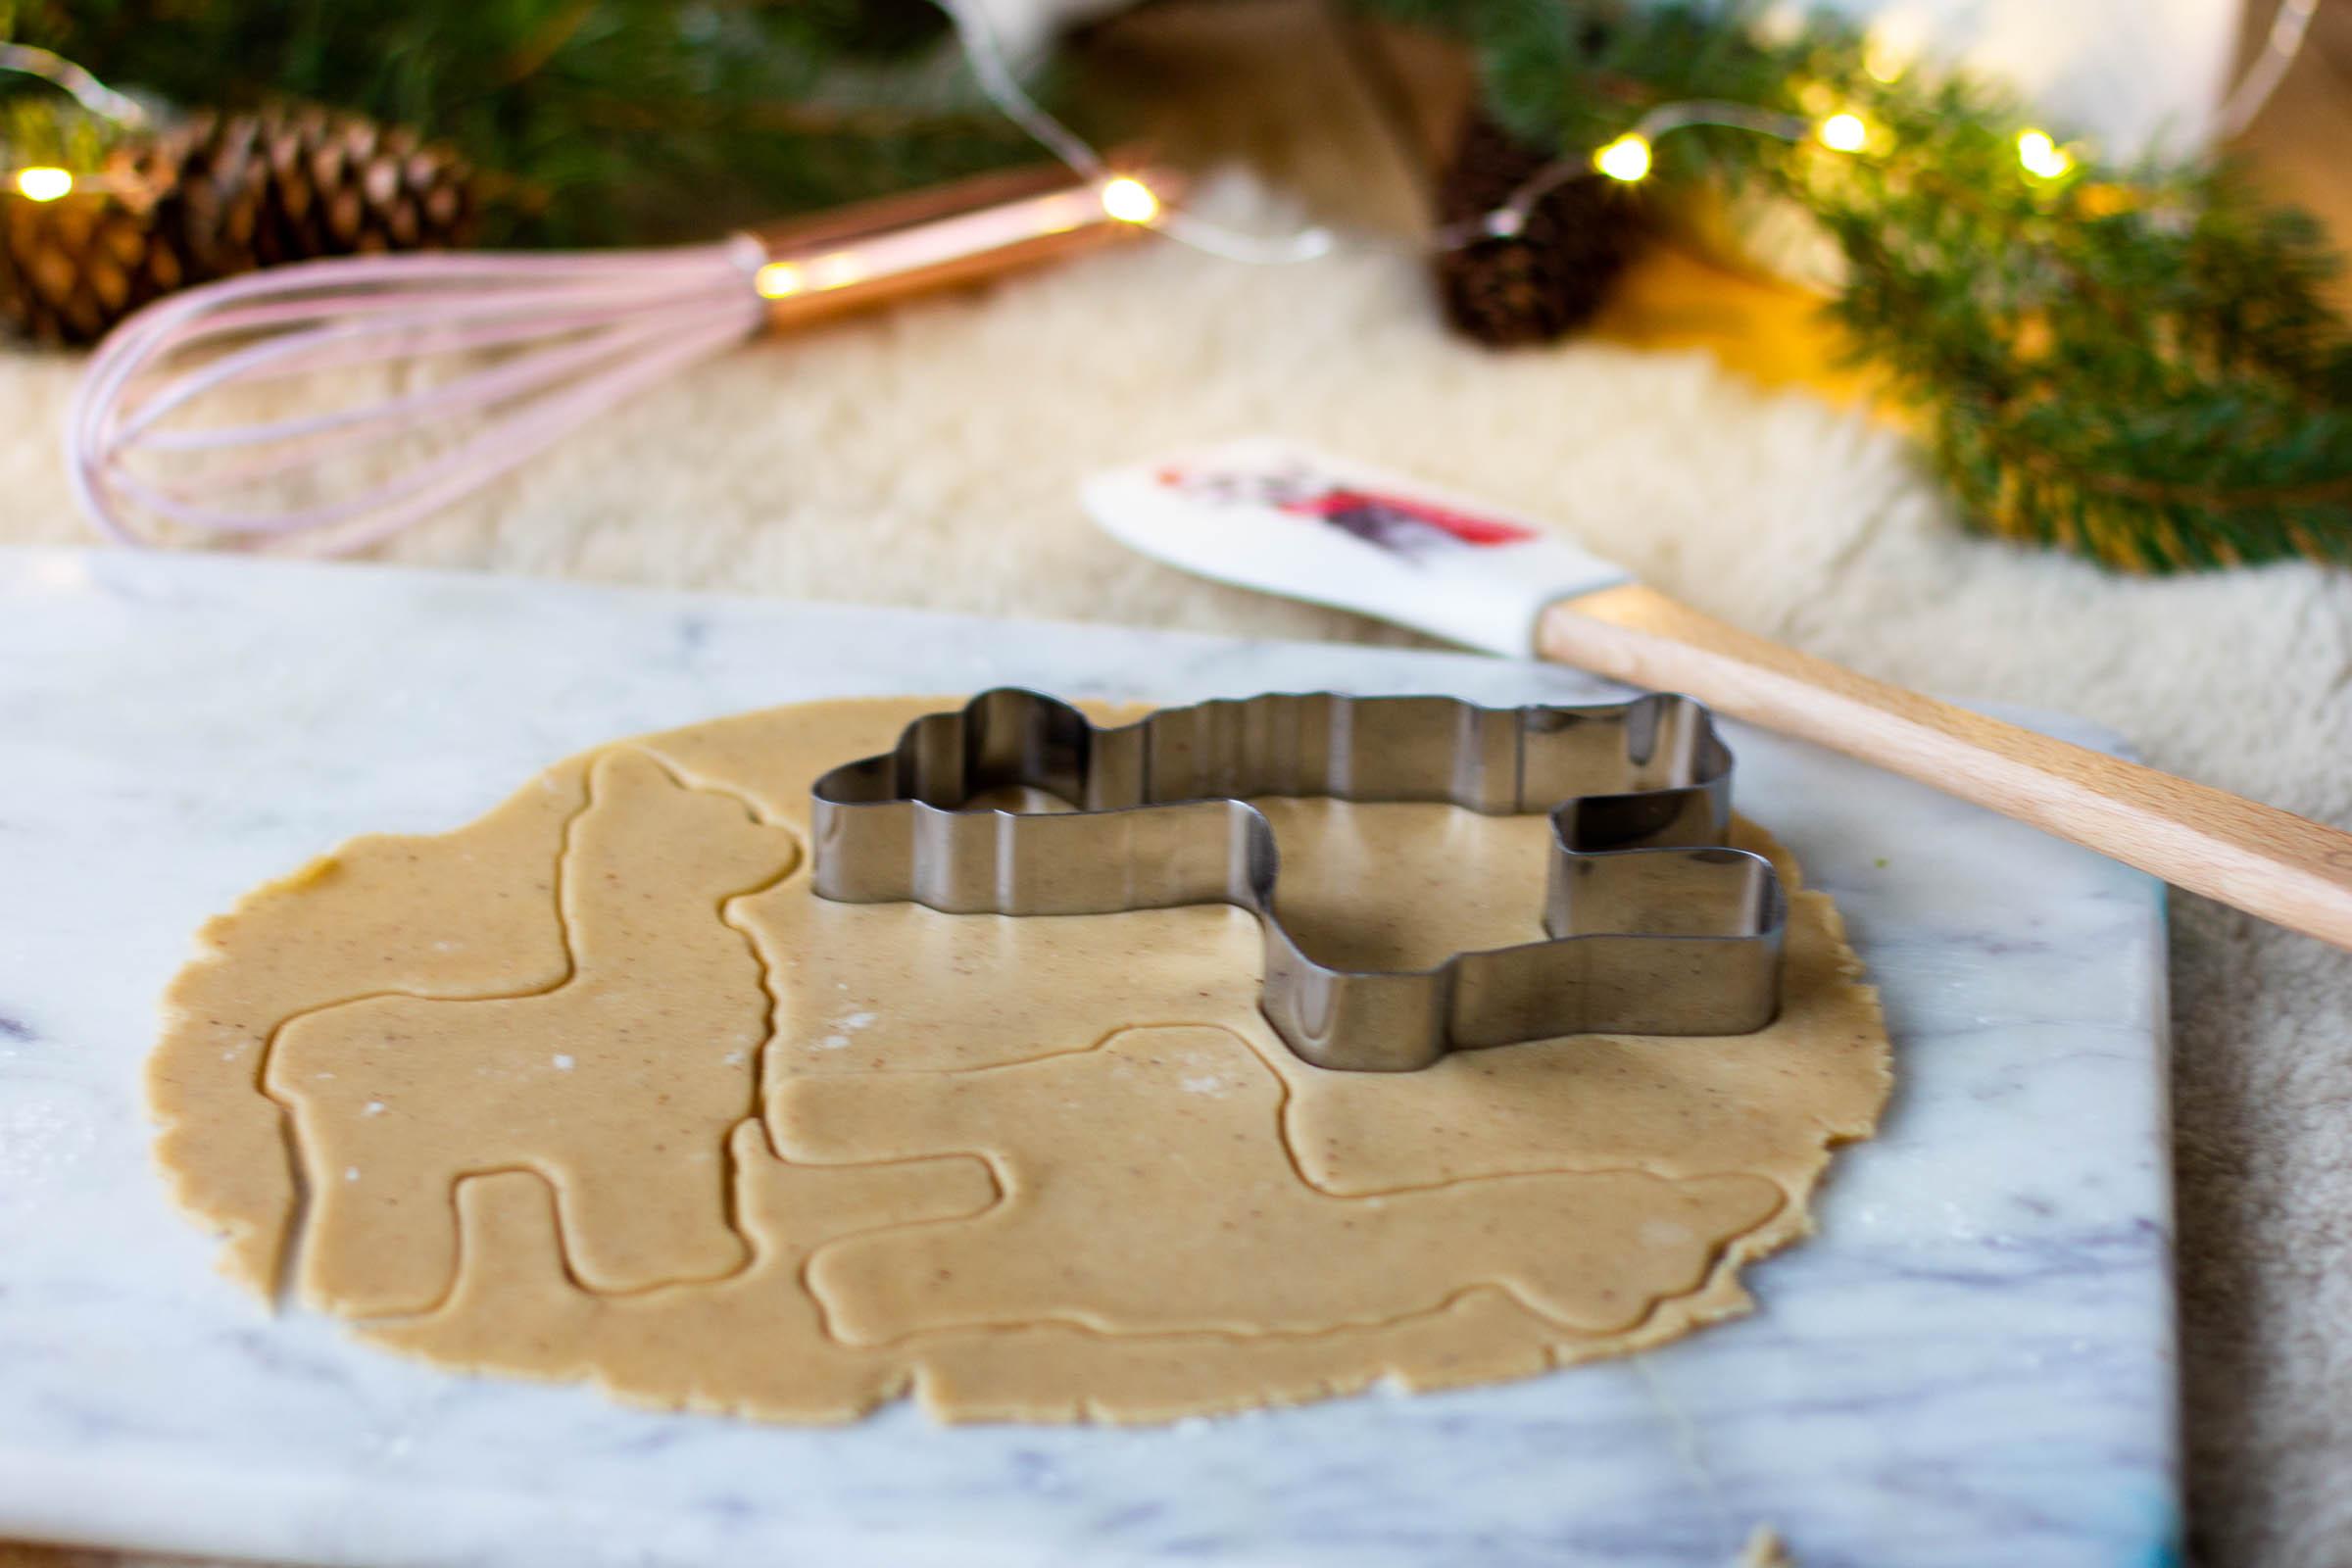 Vaalea piparkakkutaikina valmistuu helposti ja maistuu herkulliselta. Paista rapeat piparkakut vaikka lasten kanssa.